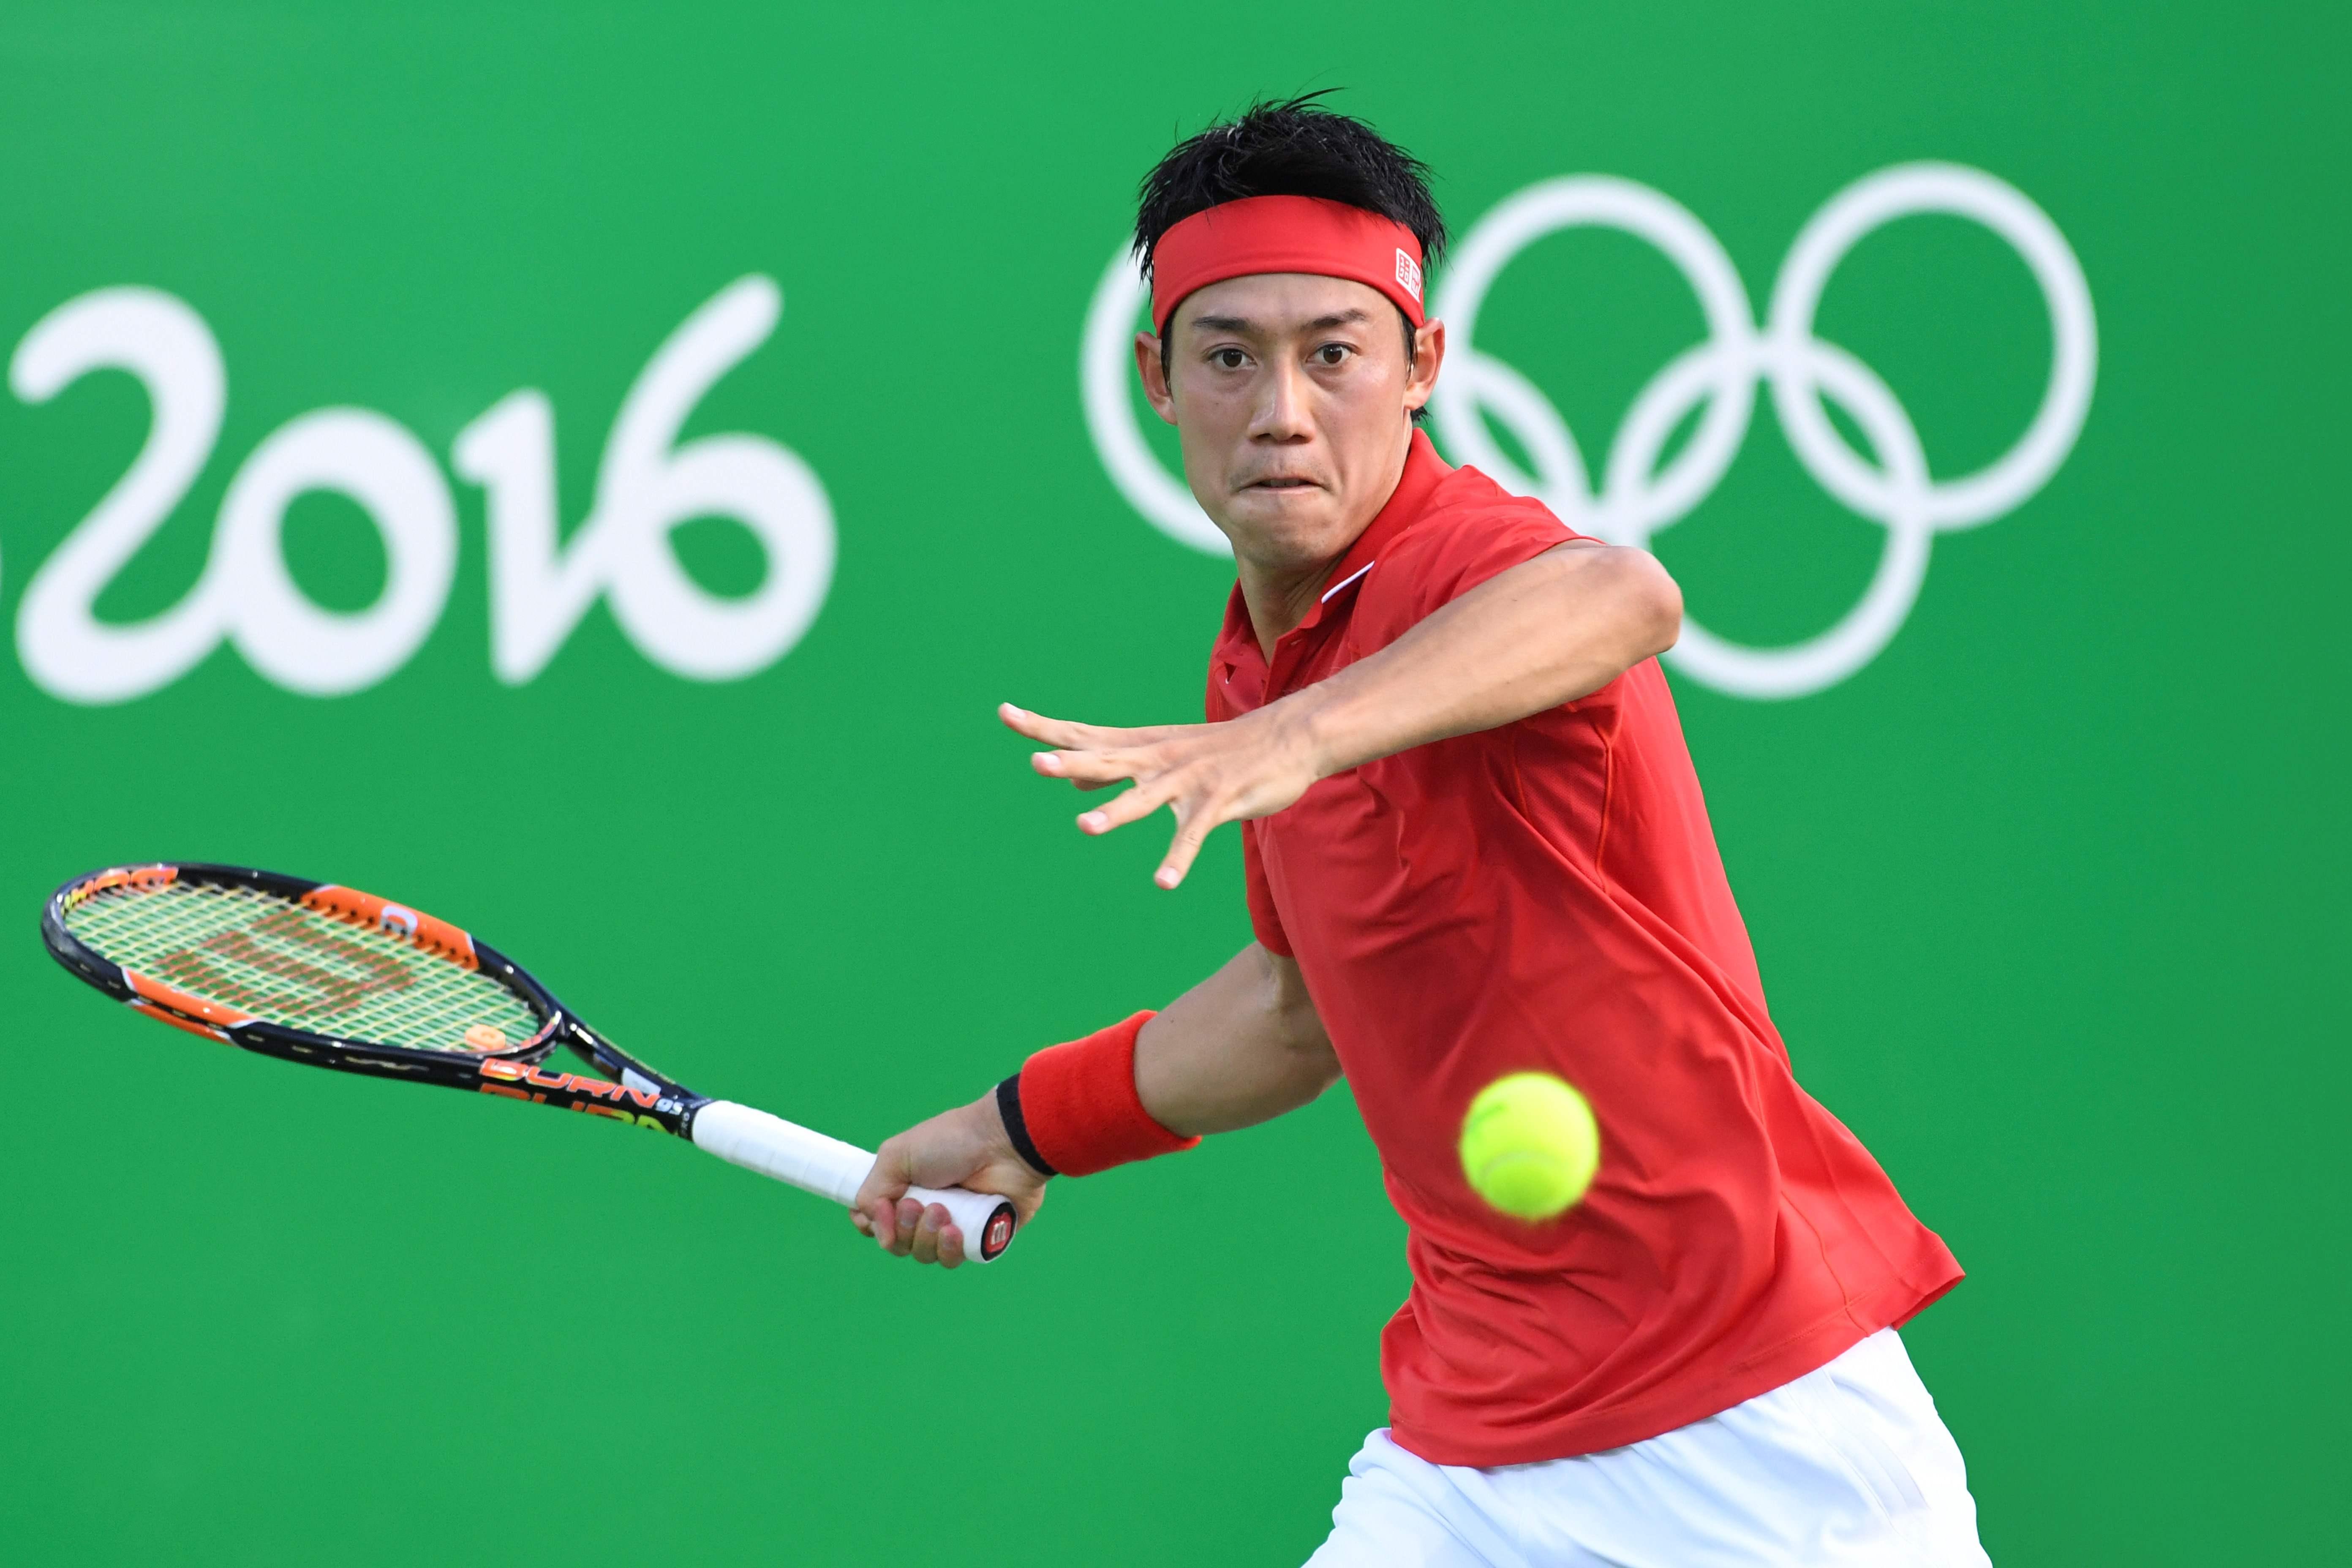 リオ五輪で銅メダルを獲得した錦織圭